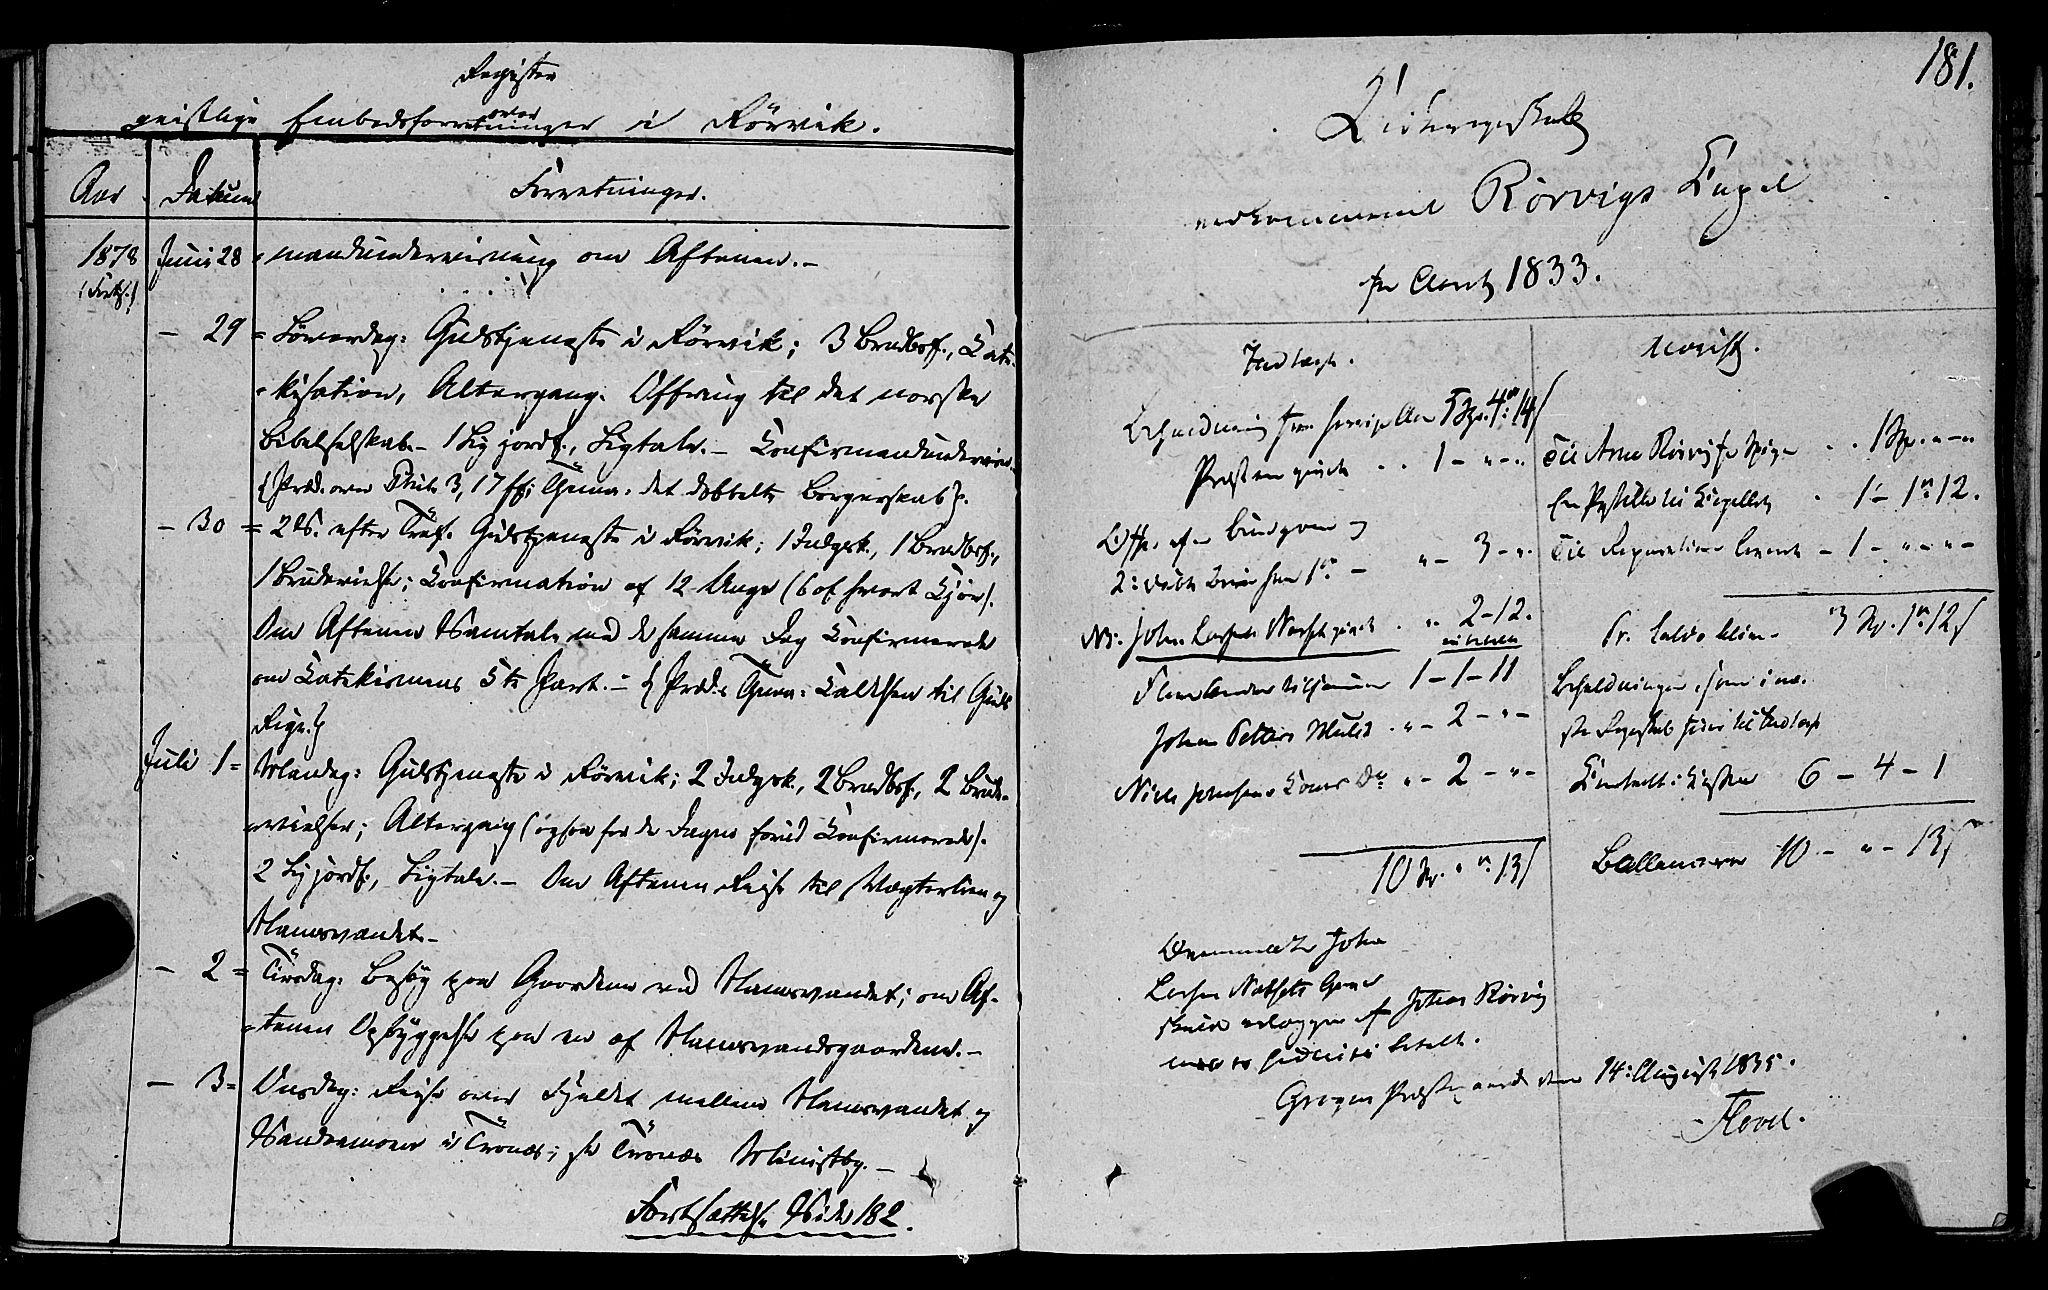 SAT, Ministerialprotokoller, klokkerbøker og fødselsregistre - Nord-Trøndelag, 762/L0538: Ministerialbok nr. 762A02 /1, 1833-1879, s. 181